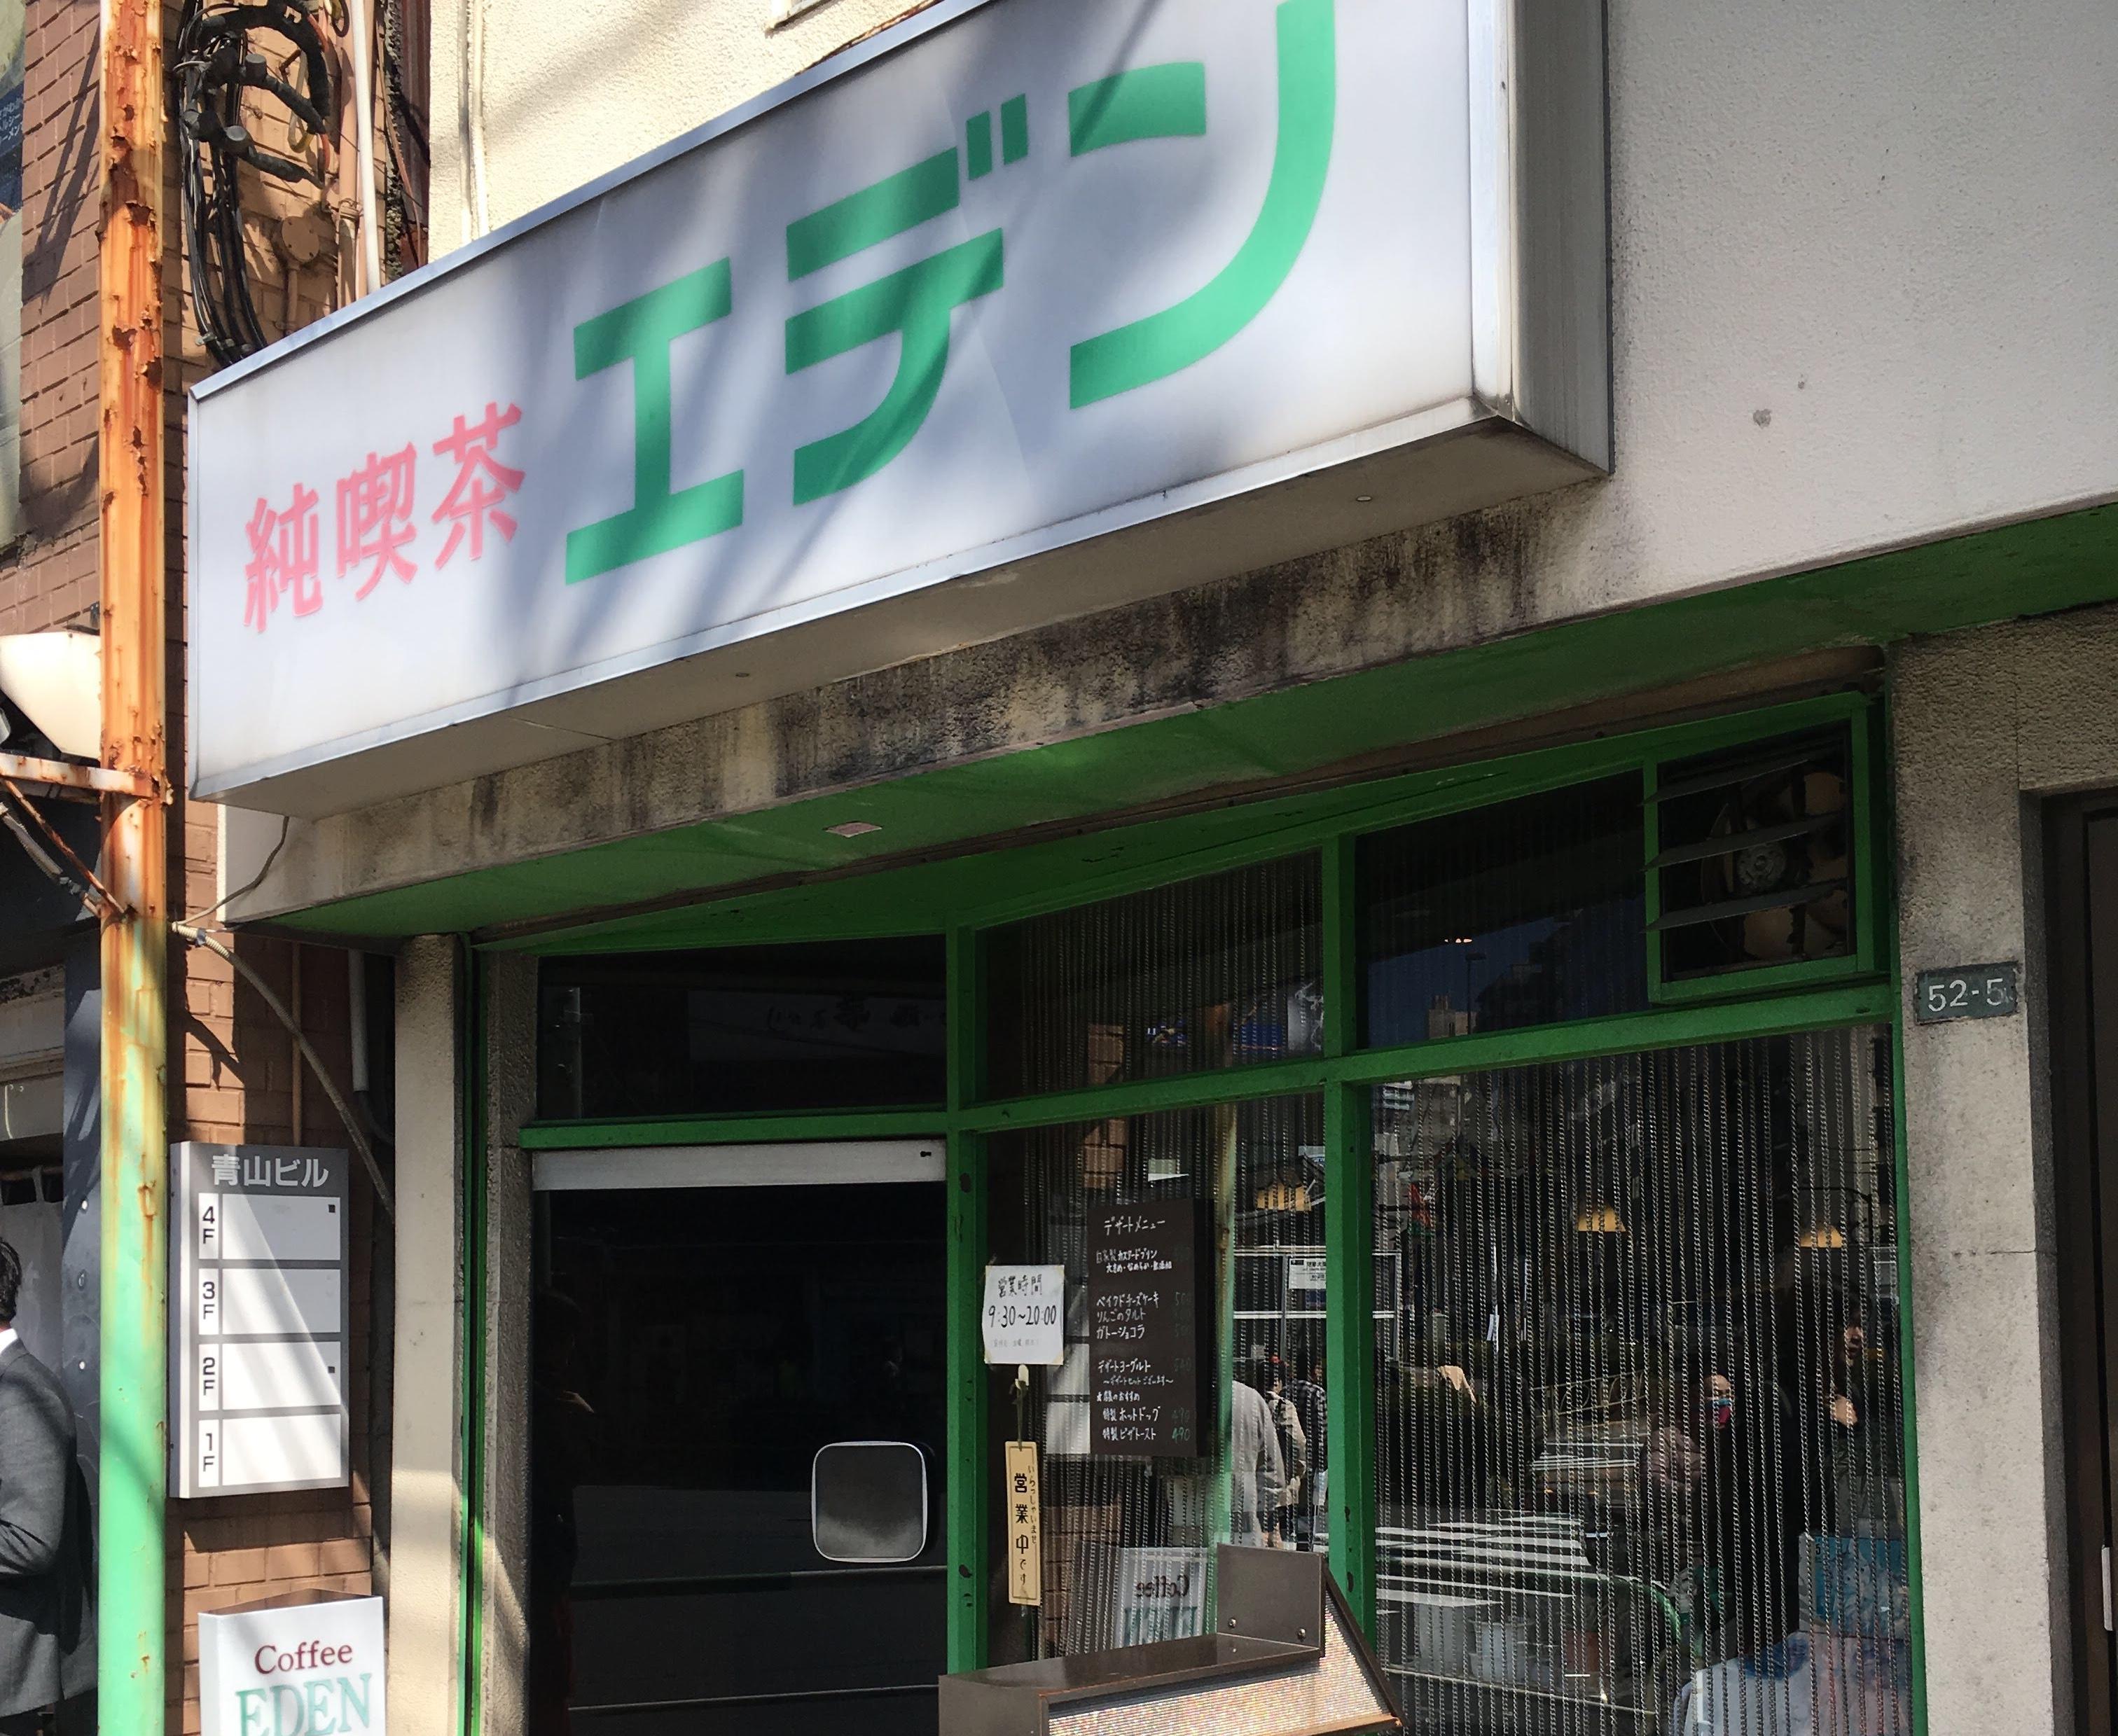 新大塚の喫茶店「純喫茶エデン」さんの家具や食器を販売します